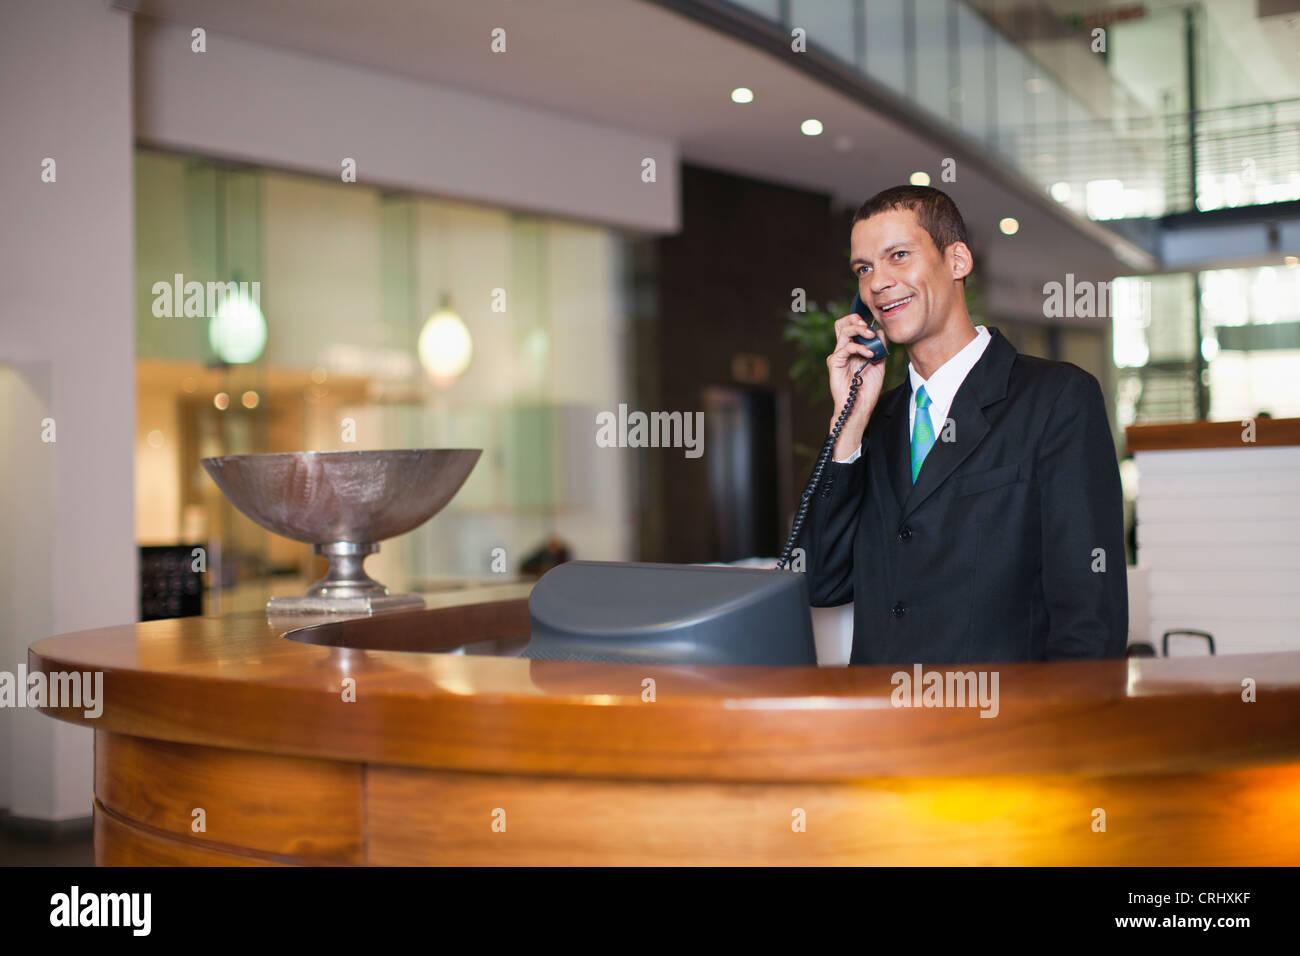 Hablando por teléfono del conserje del hotel. Imagen De Stock